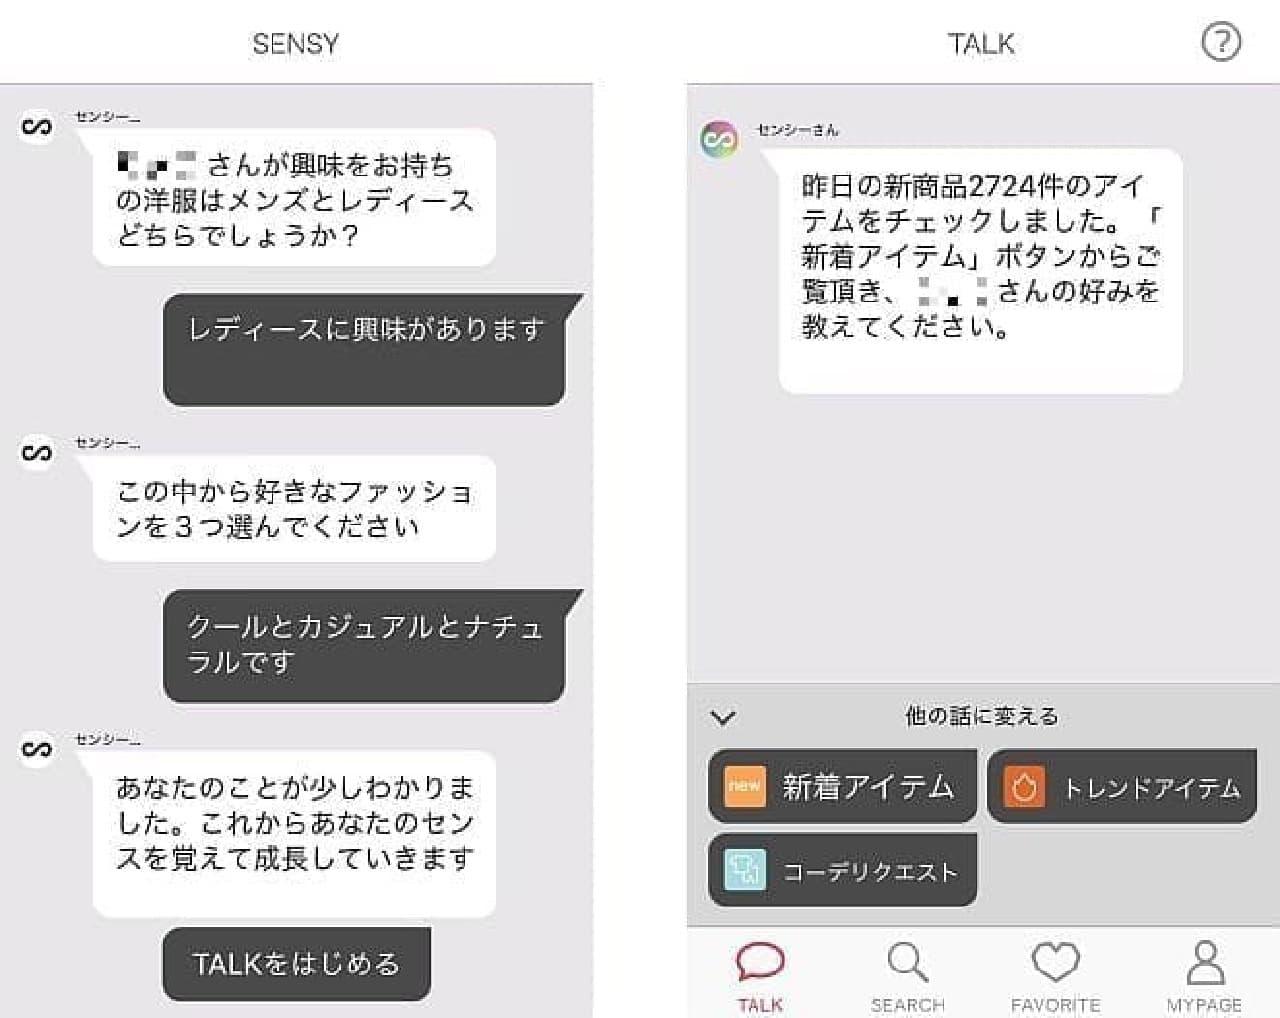 ファッション人工知能アプリ「SENSY」